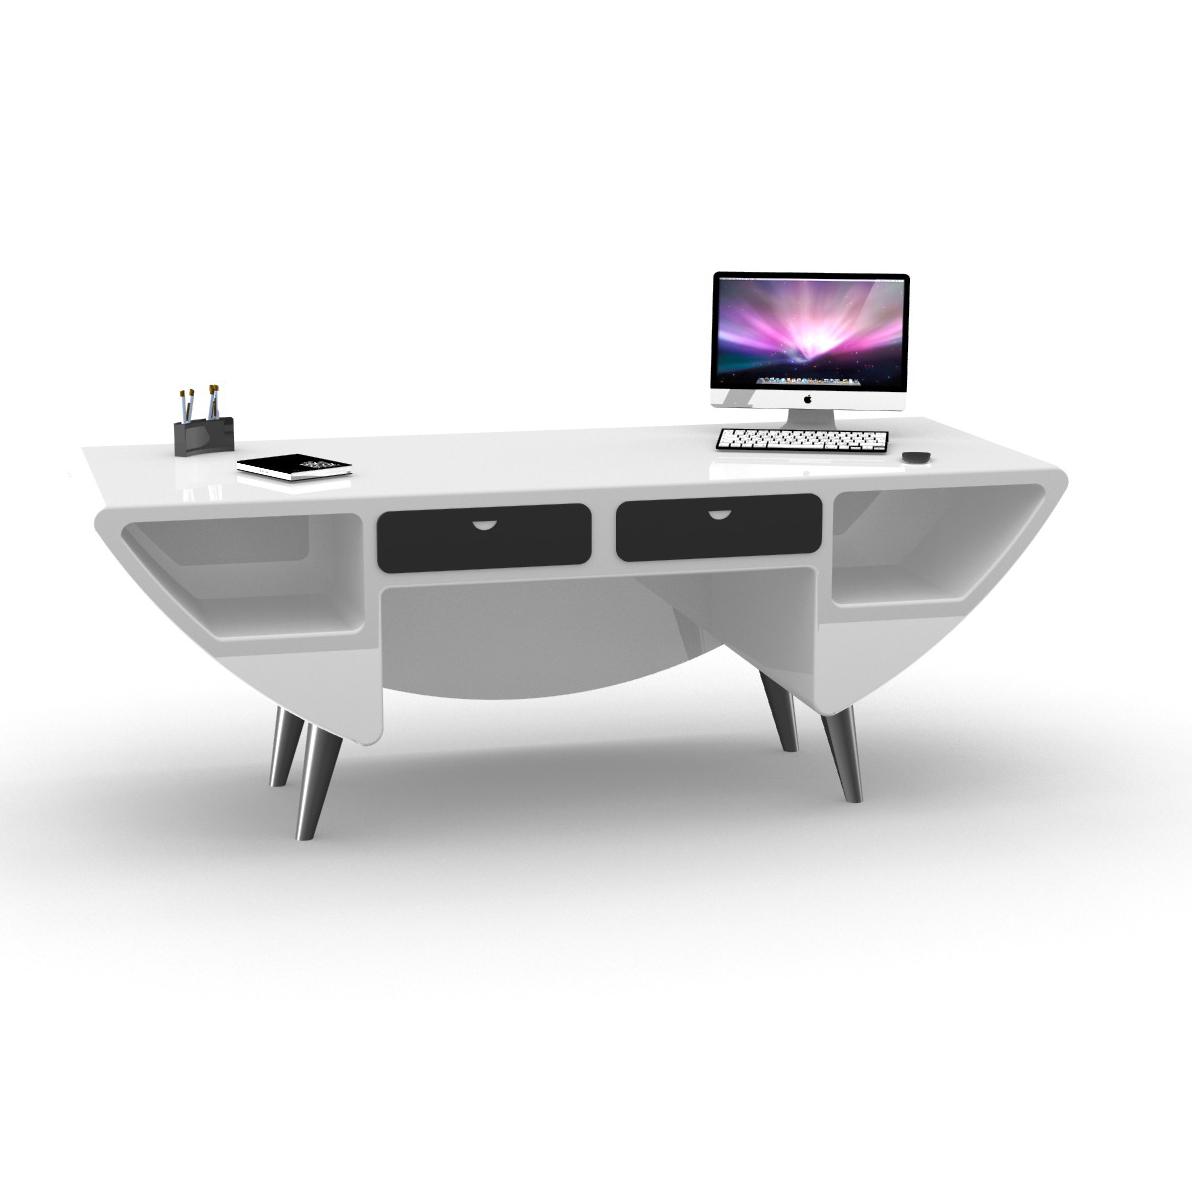 H915 tavoli e scrivanie zad zone of absolute design for Tavoli e scrivanie